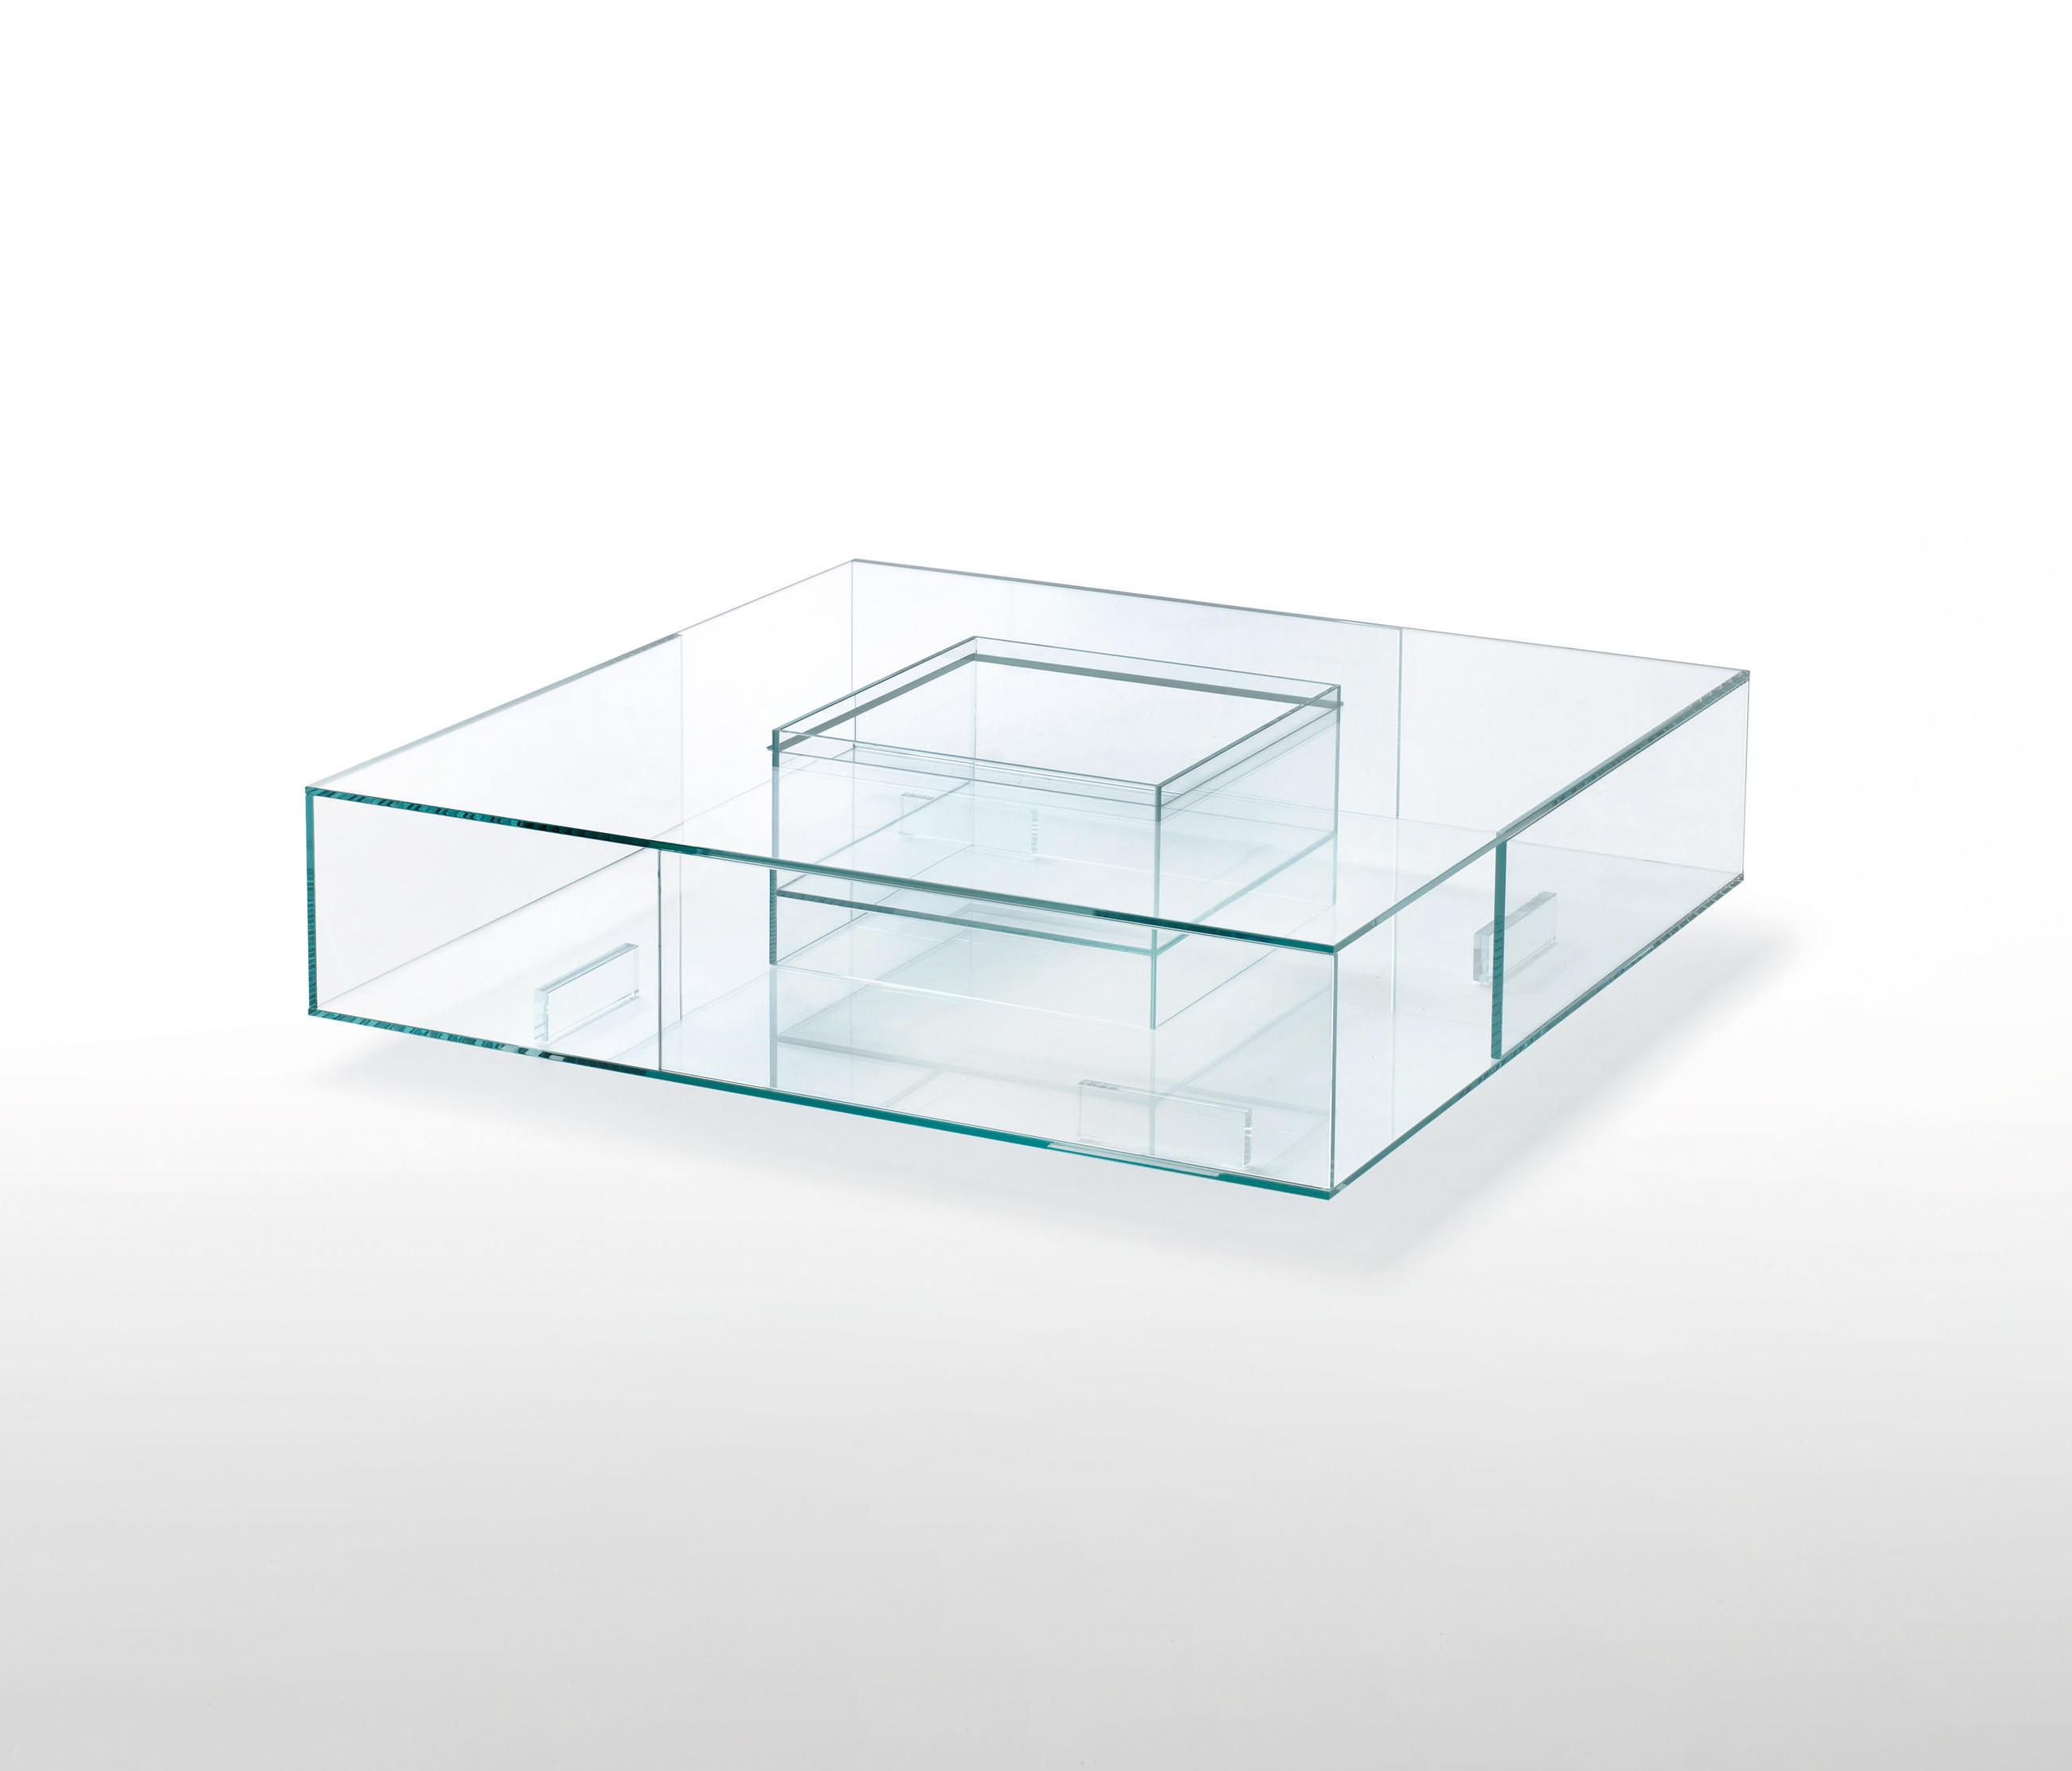 couchtische aus glas good couchtische holz couchtisch. Black Bedroom Furniture Sets. Home Design Ideas